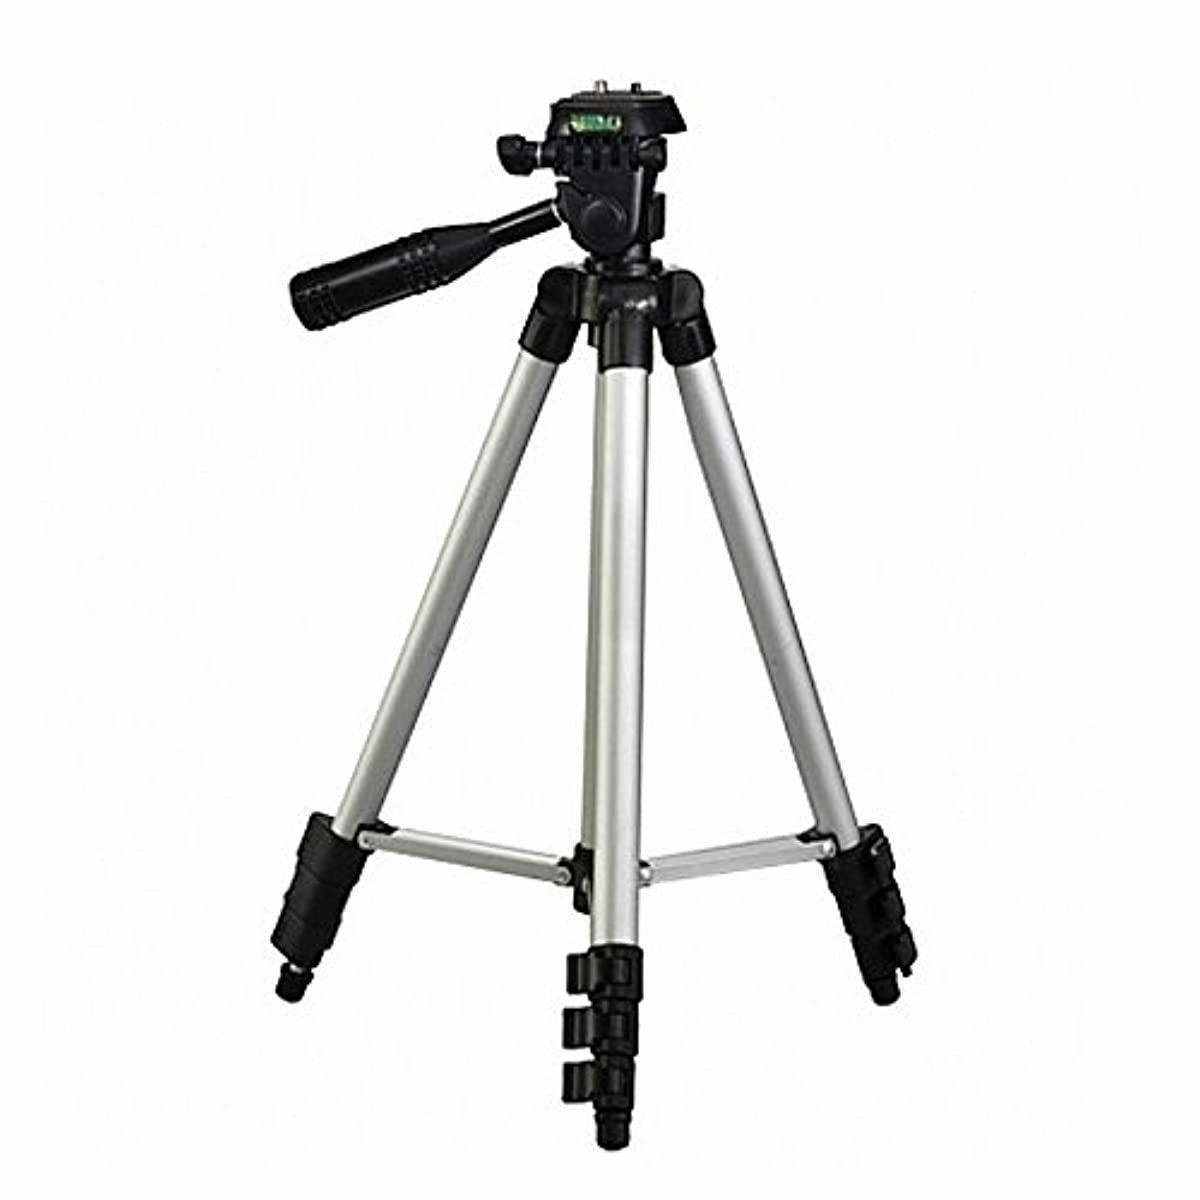 Canon Rebel DSLR 18-55mm f/3.5-5.6 Lens + Pro